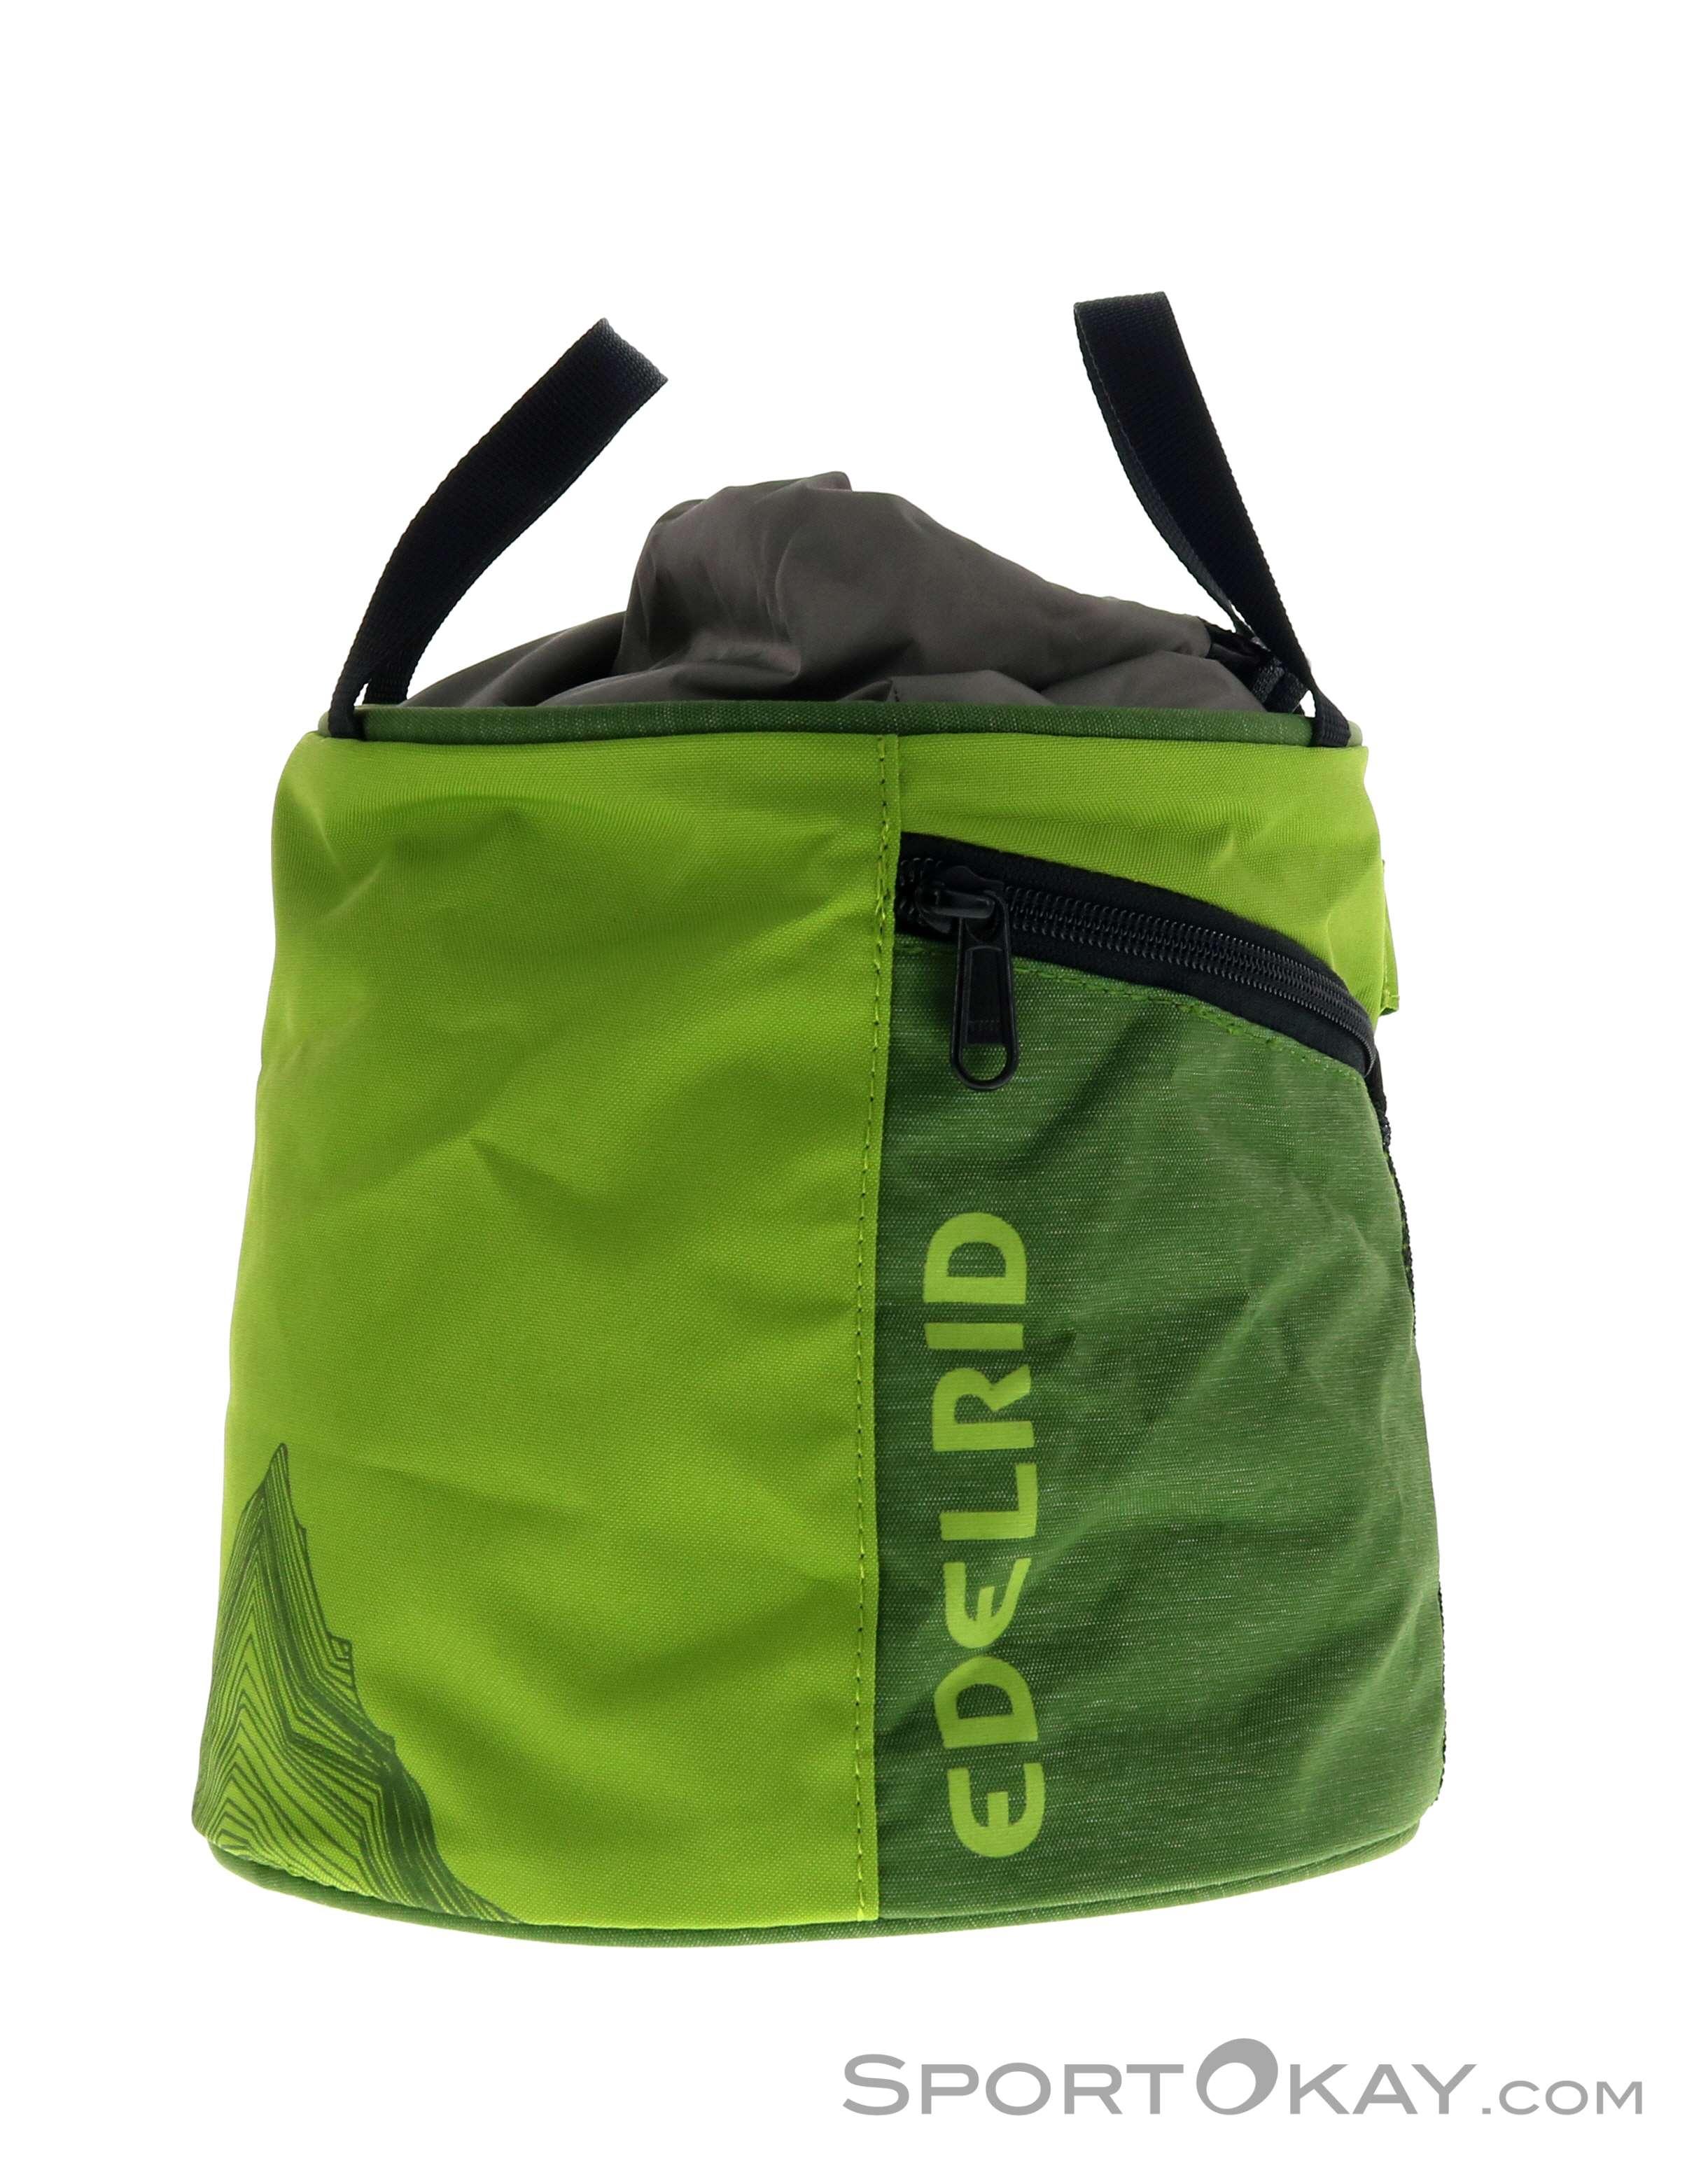 Scarpa E9 Boulder Chalk Bag Limited Edition